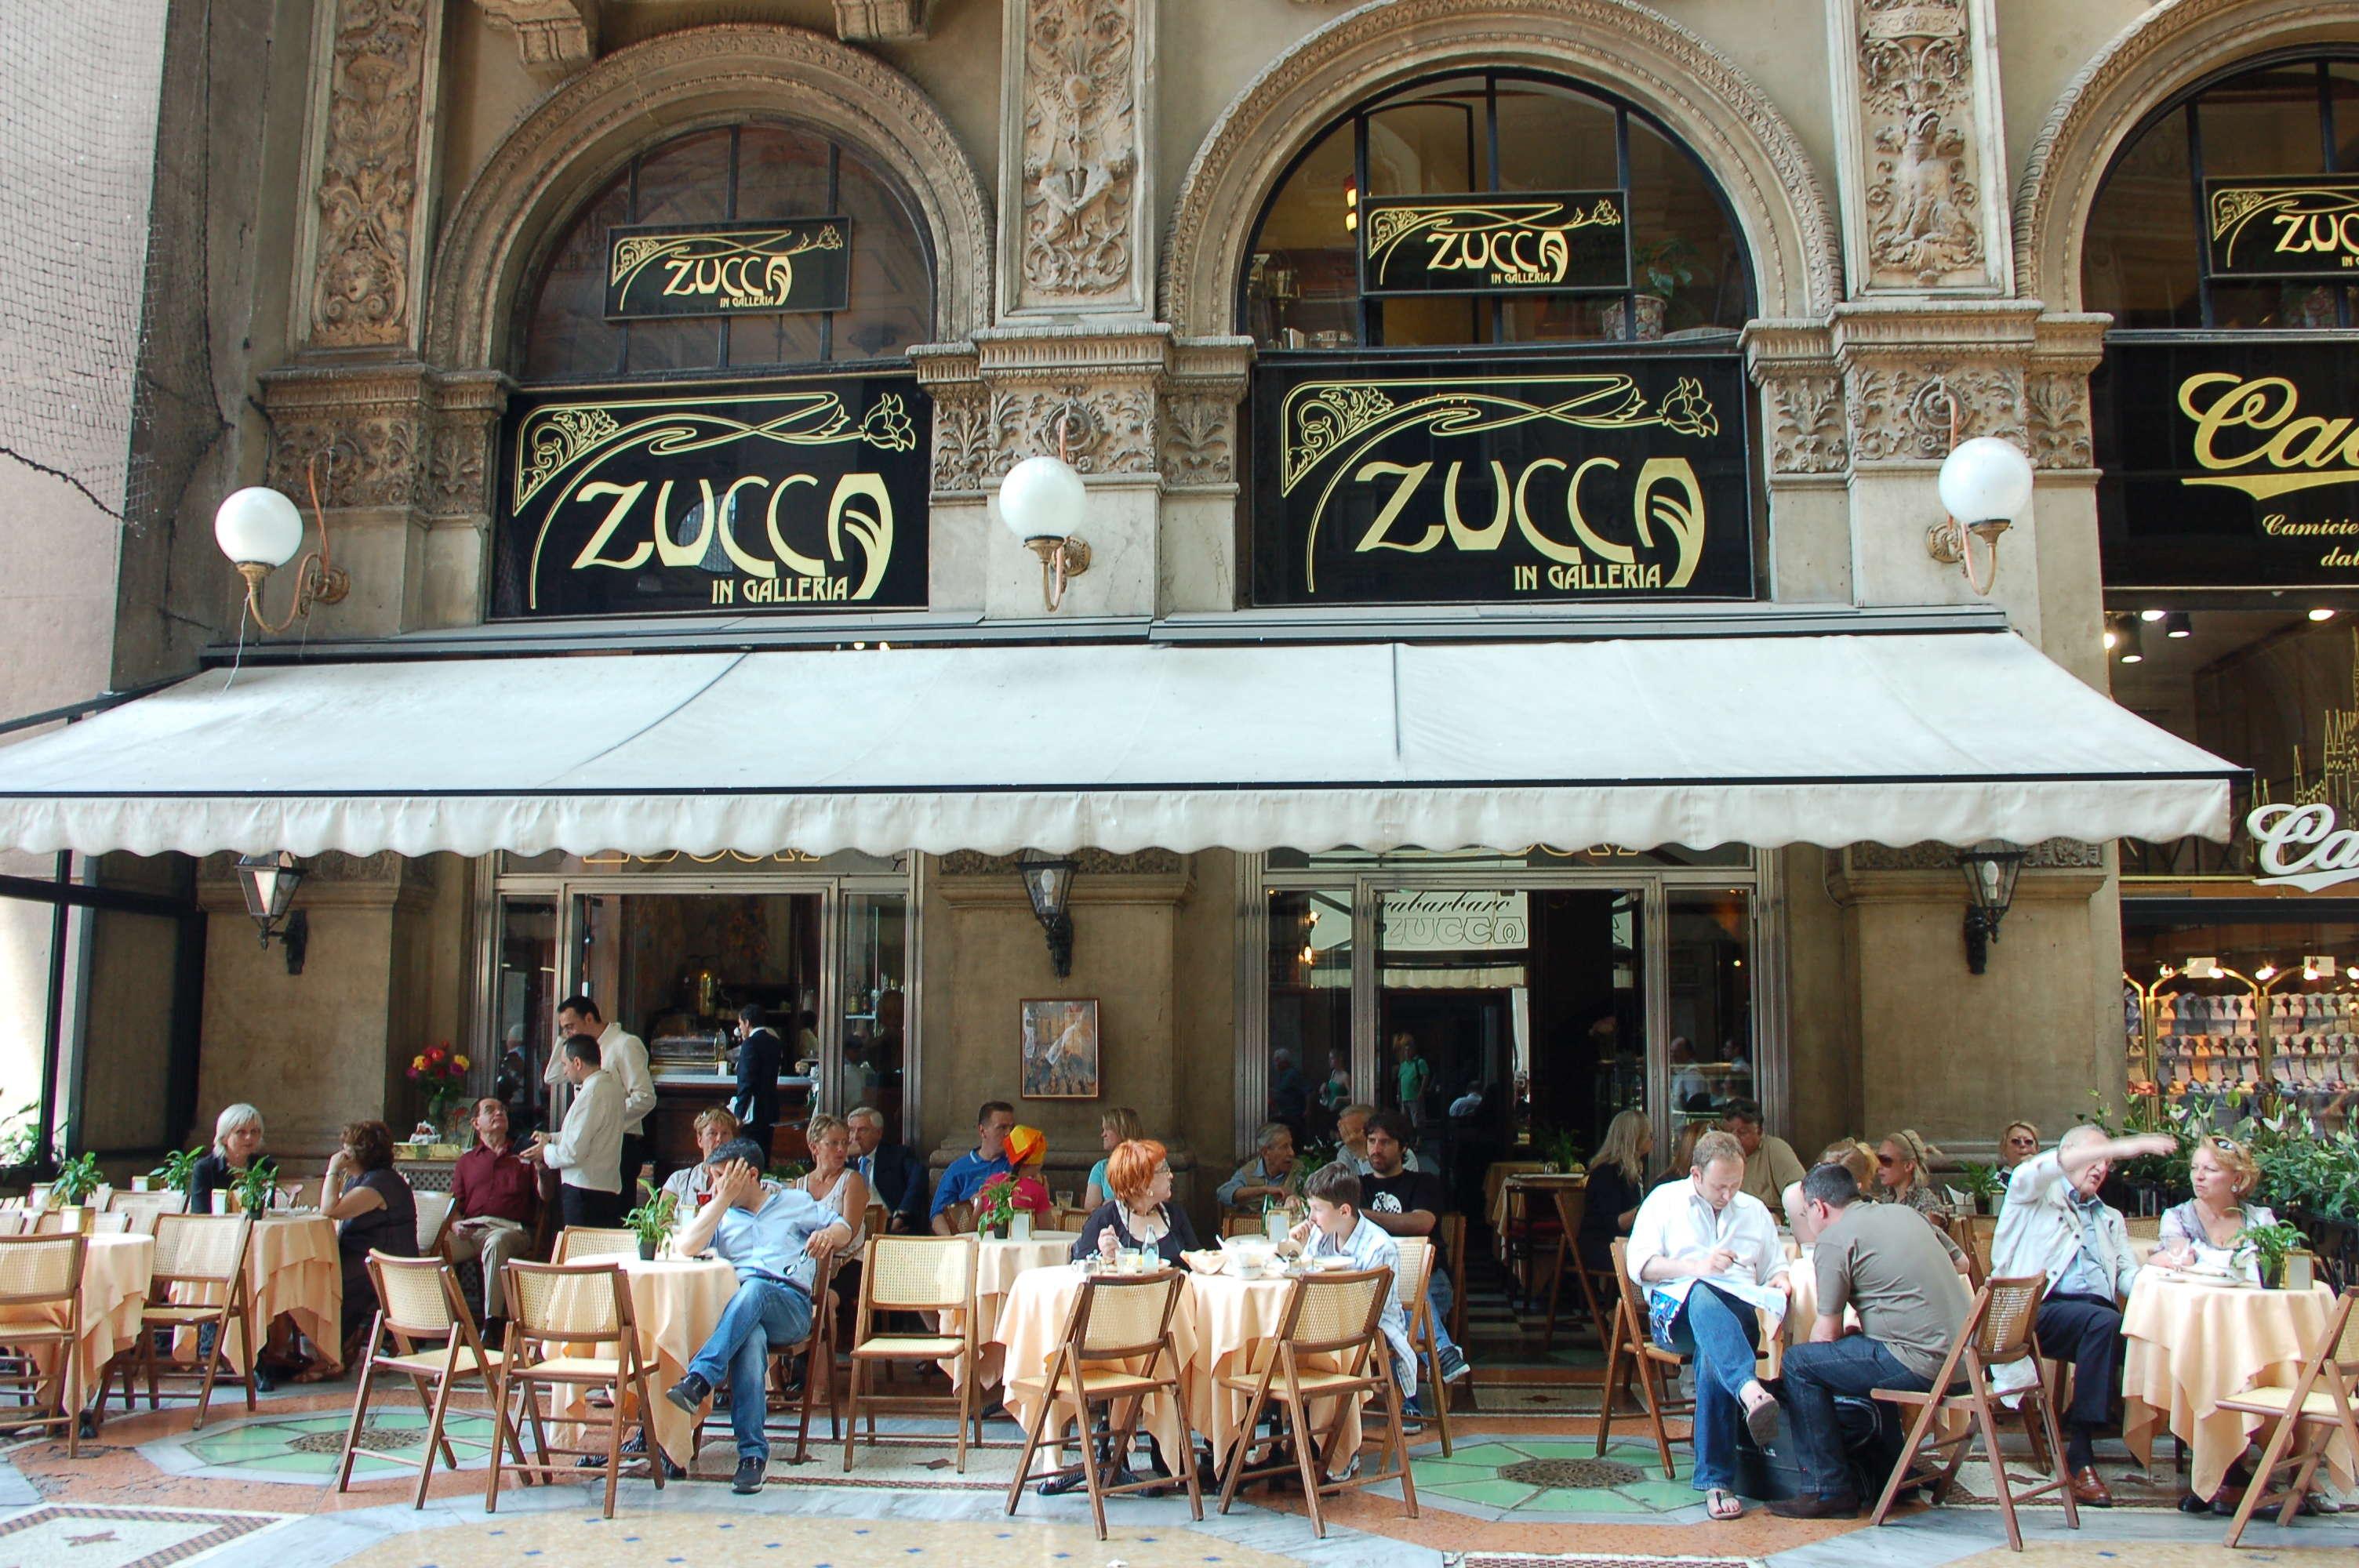 Zucca in Galleria